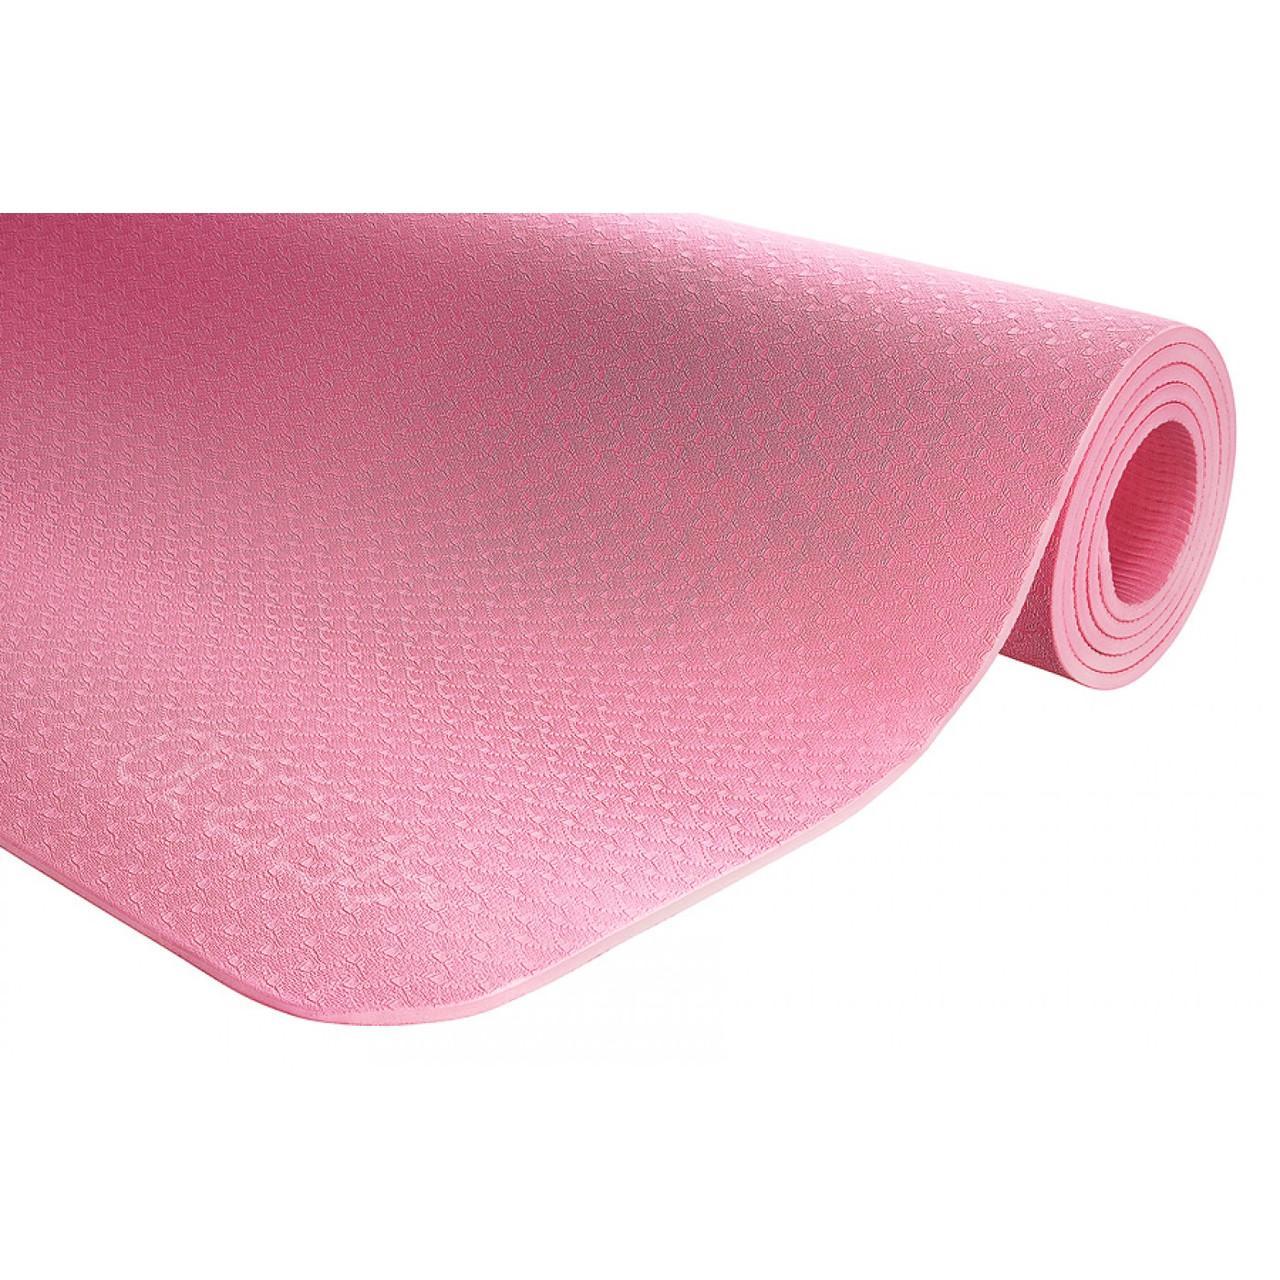 Килимок (мат) для йоги та фітнесу 4FIZJO TPE 6 мм 4FJ0152 Pink